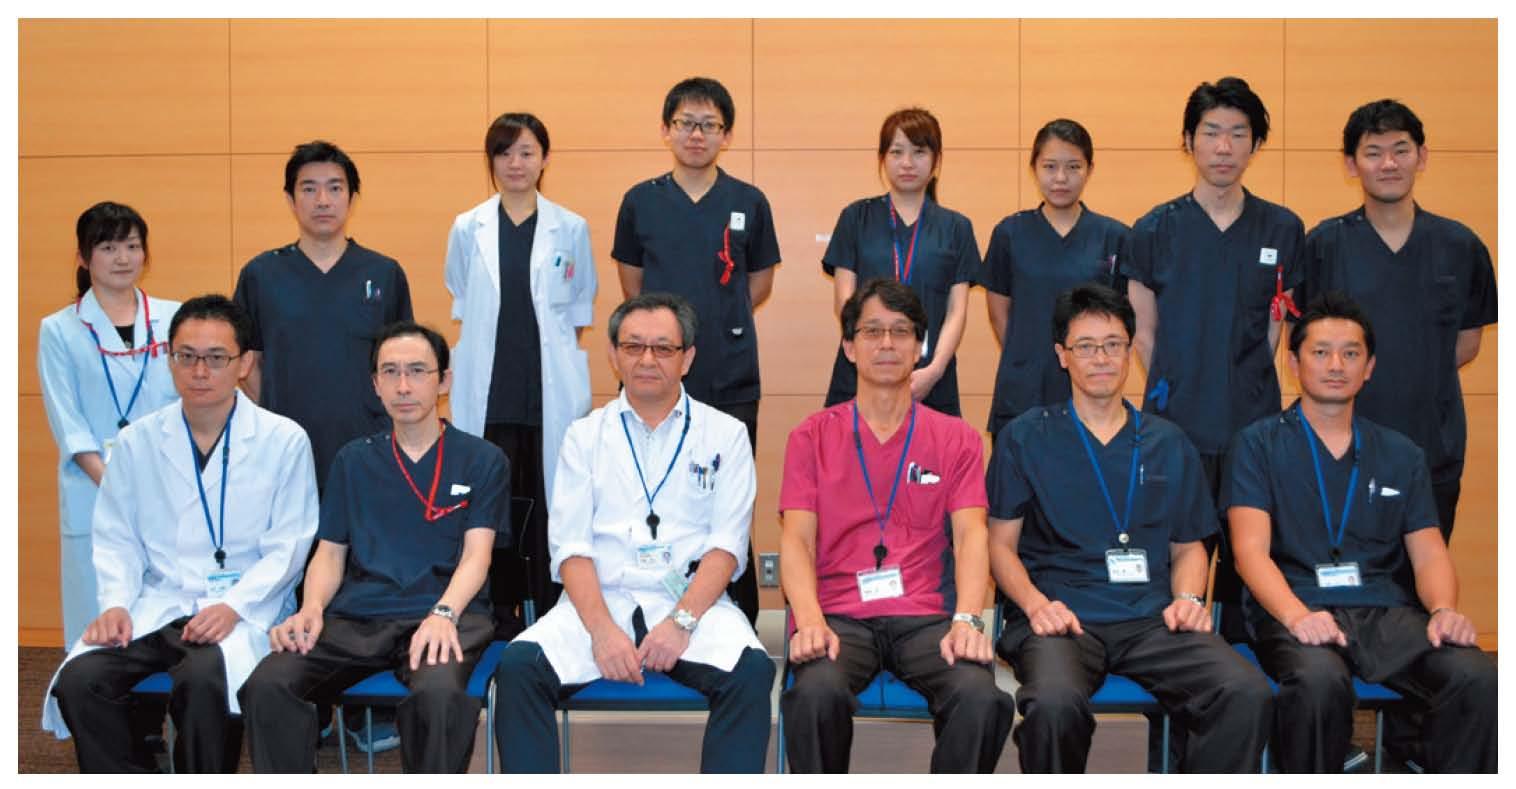 10名の医師がチームでがん治療を手がける